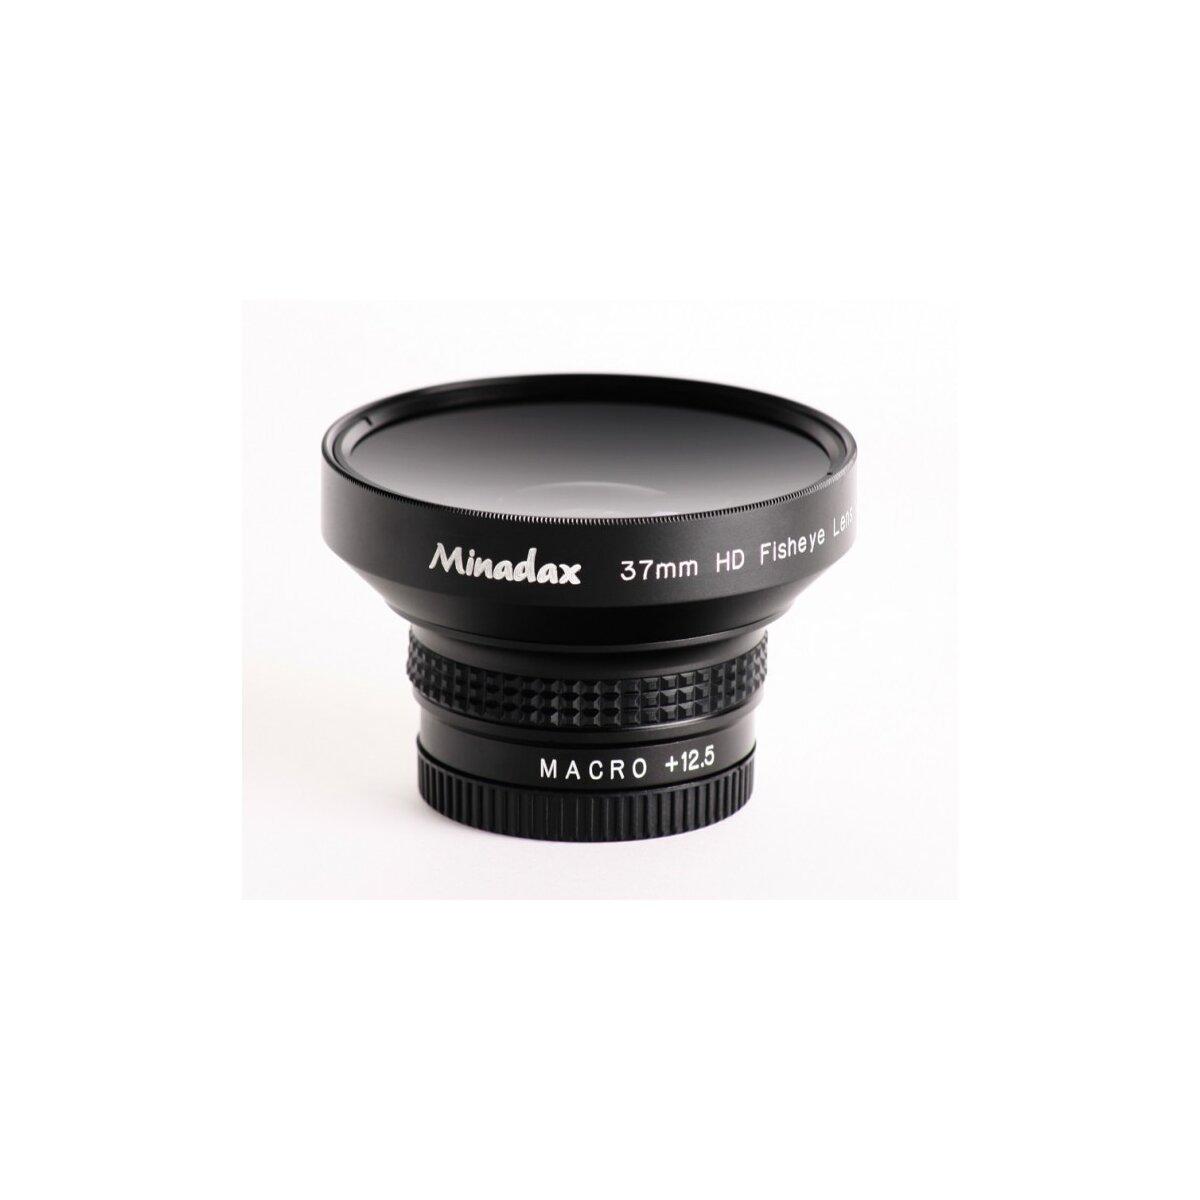 Minadax 0.25x Fisheye Vorsatz kompatibel mit Canon MVX10i, MVX30i, MVX35i, MV700, MV700i, MV750i, DC410, DC411, DC420 - in schwarz